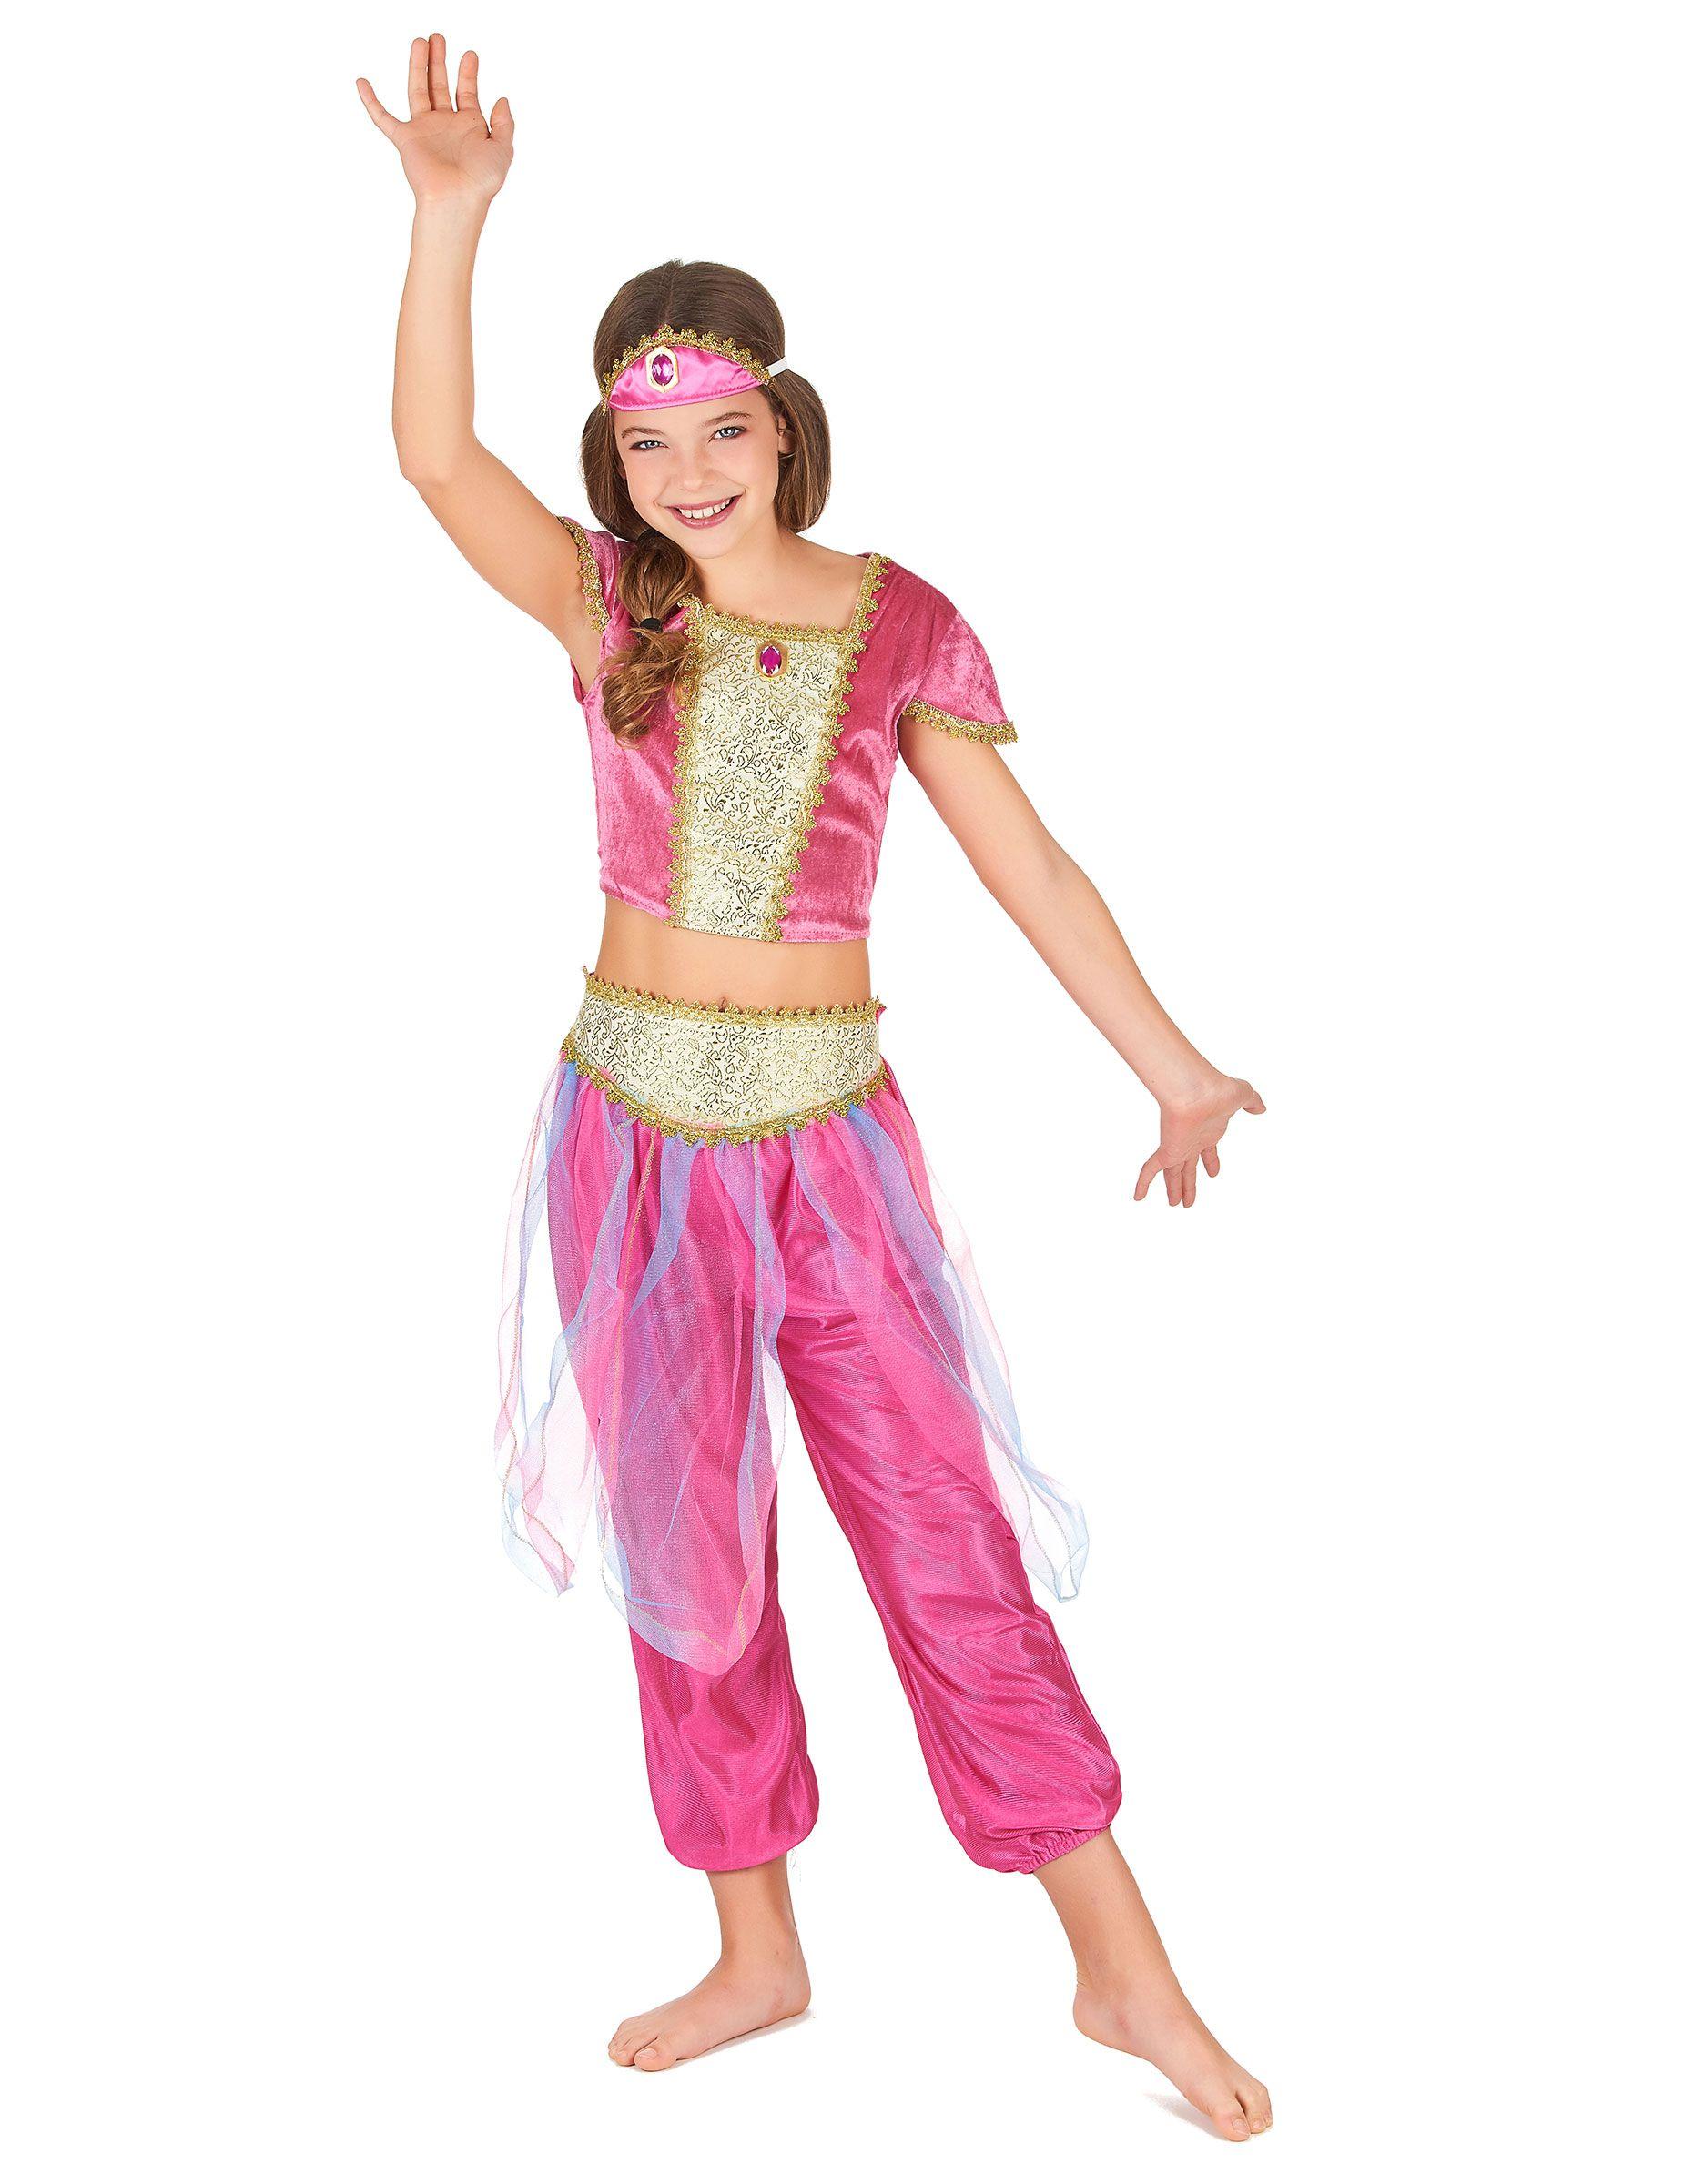 cf910915880bb Déguisement danseuse orientale fille   Ce déguisement de danseuse orientale  pour fille se compose d un pantalon rose satiné effet bouffant ainsi que  d une ...